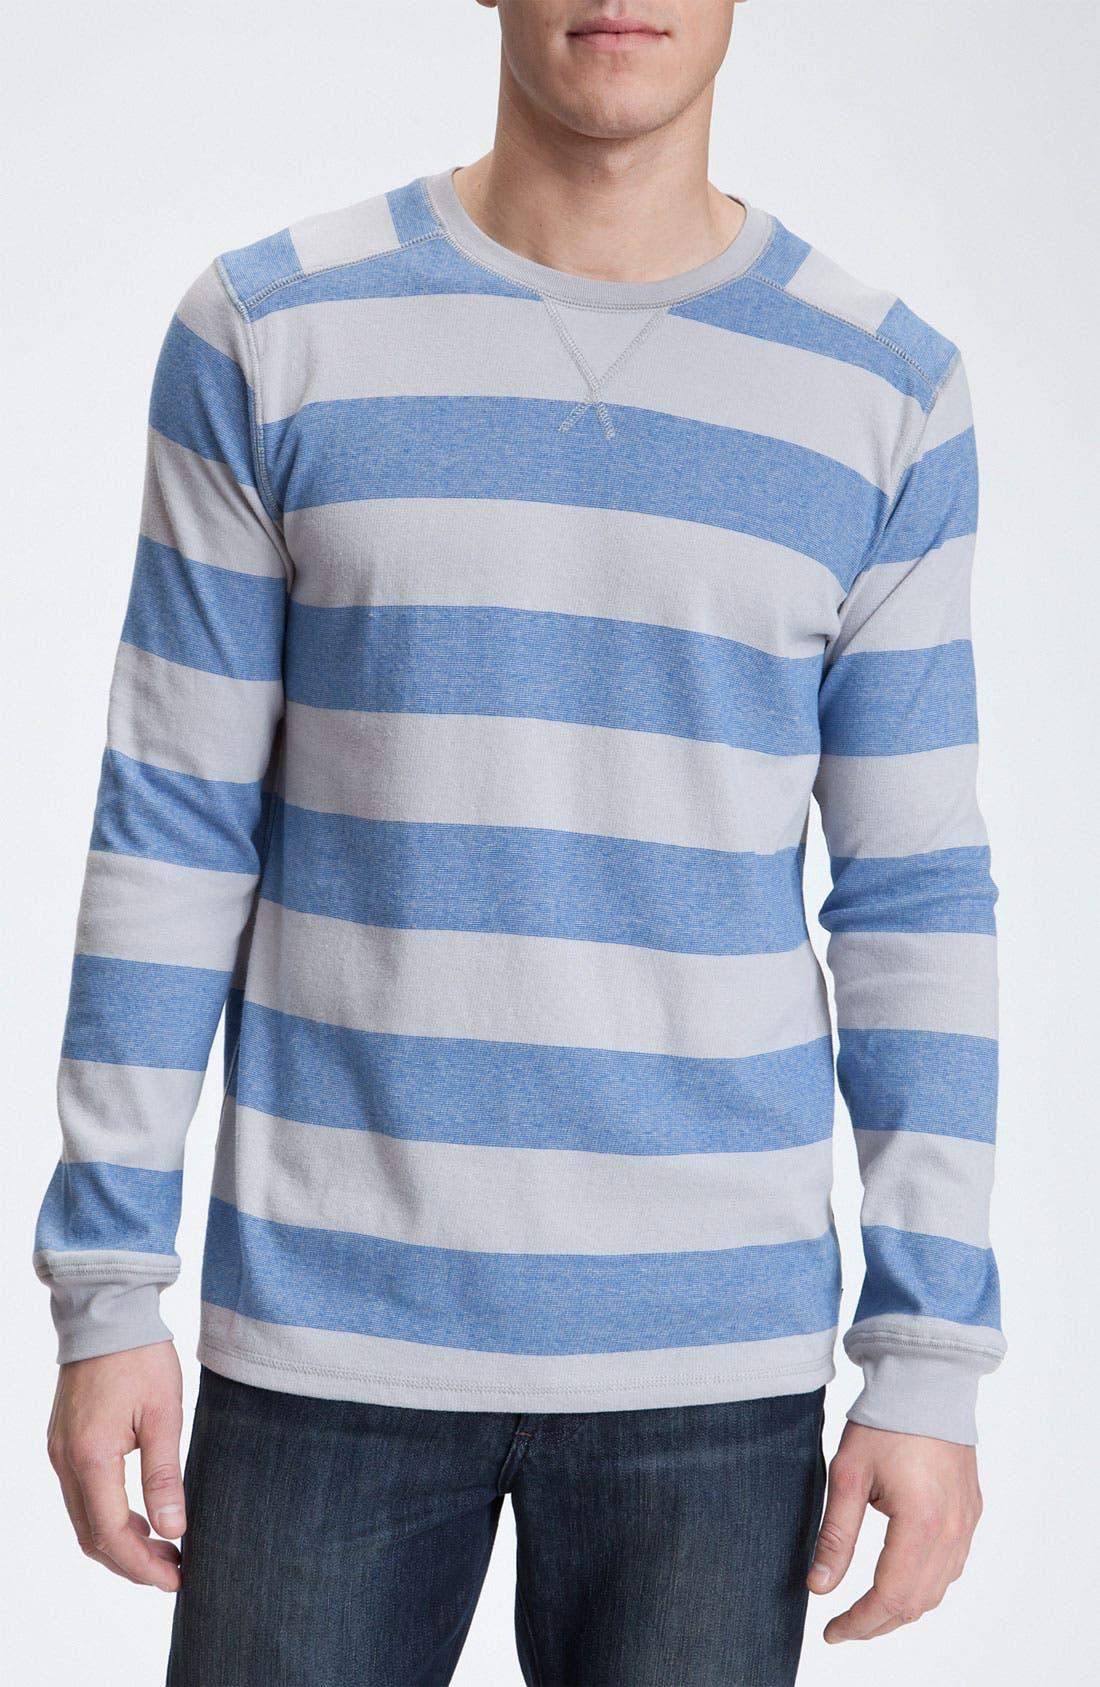 Main Image - Quiksilver Long Sleeve Crewneck Shirt